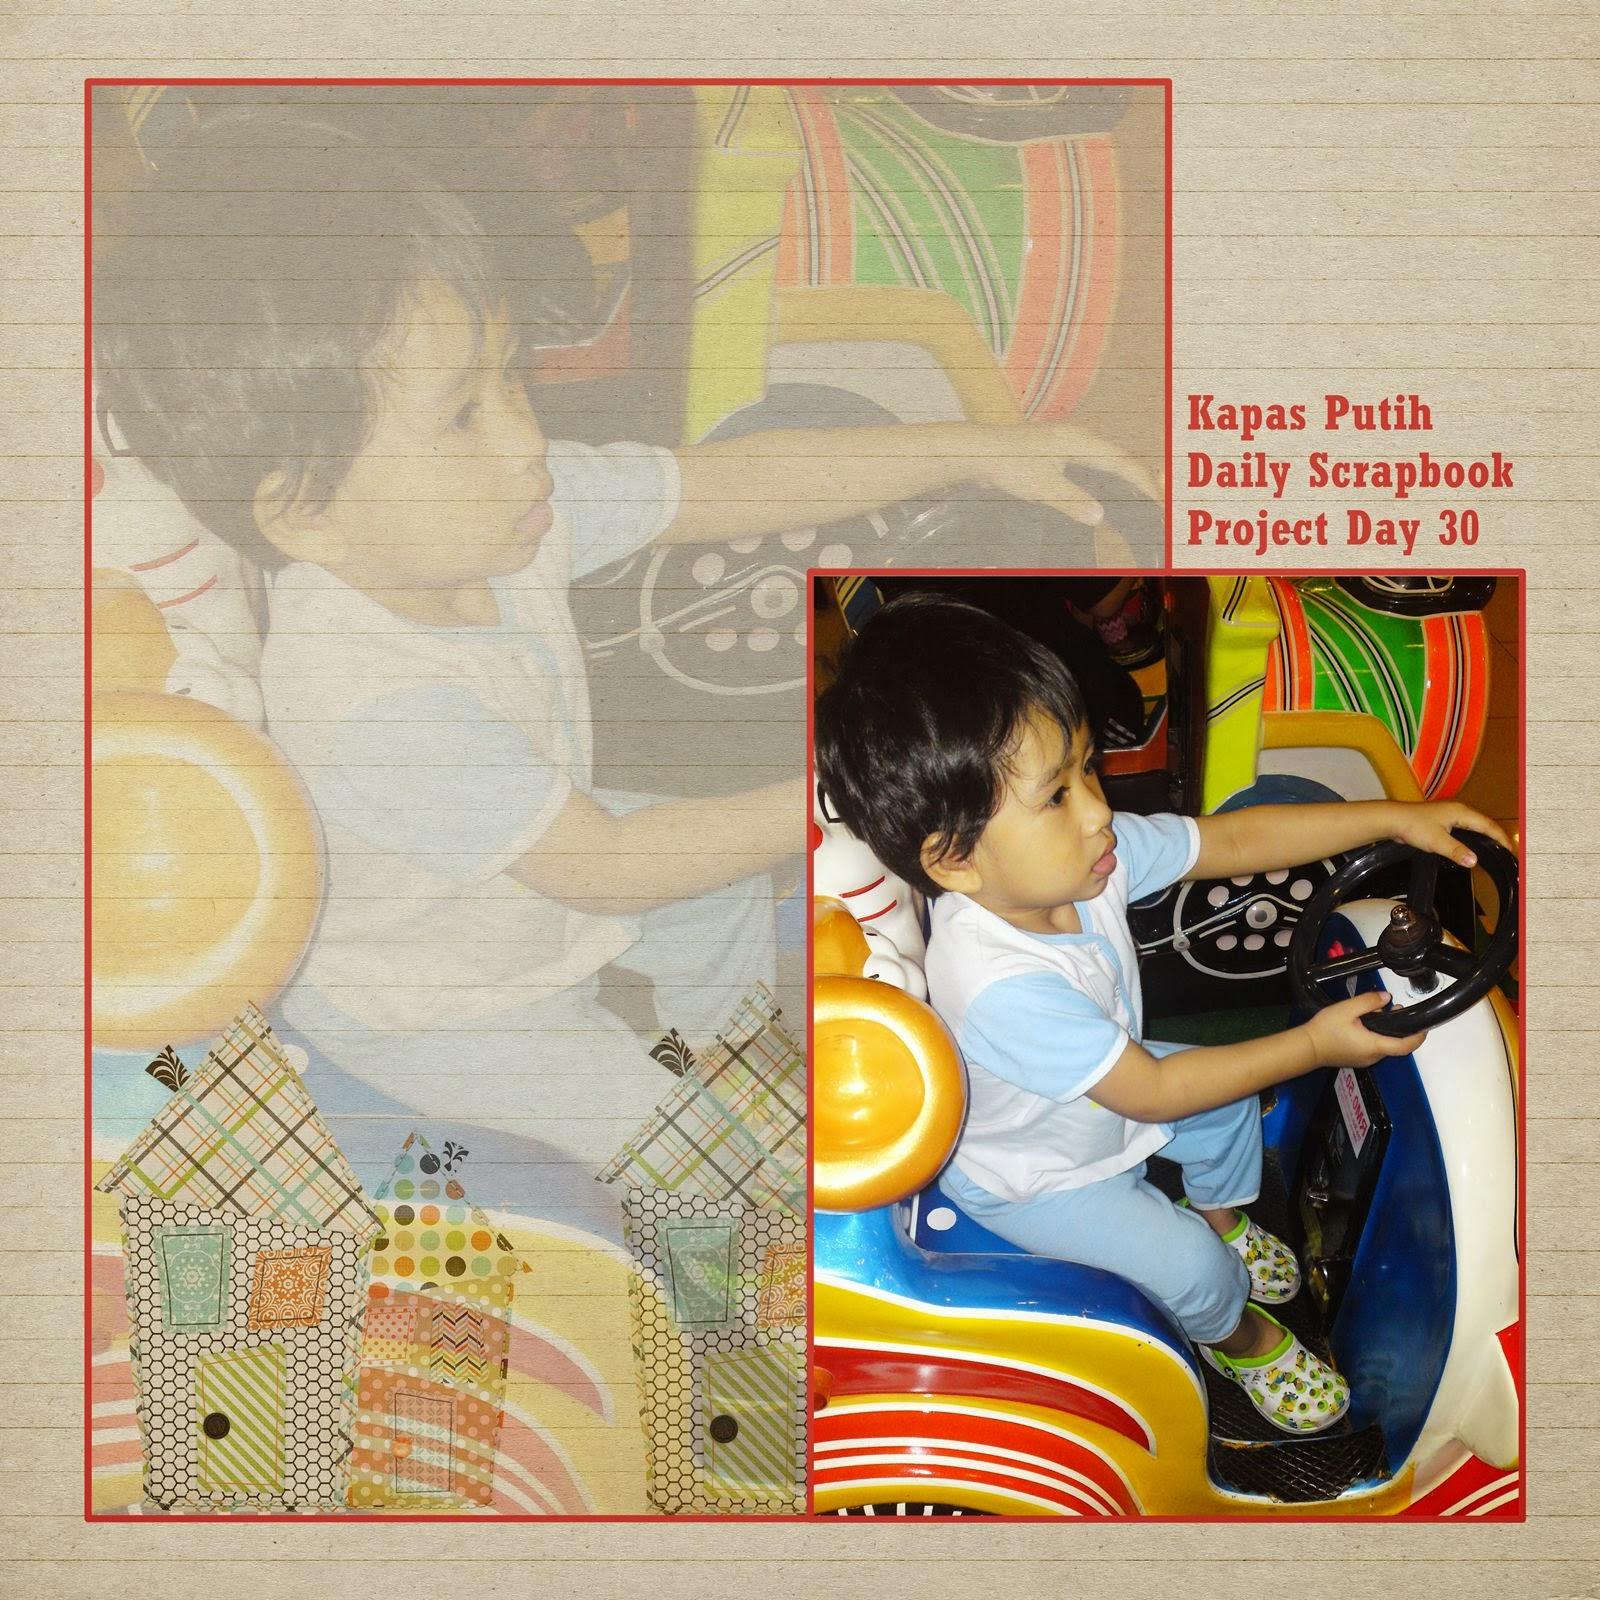 Asyraf ride a machine car